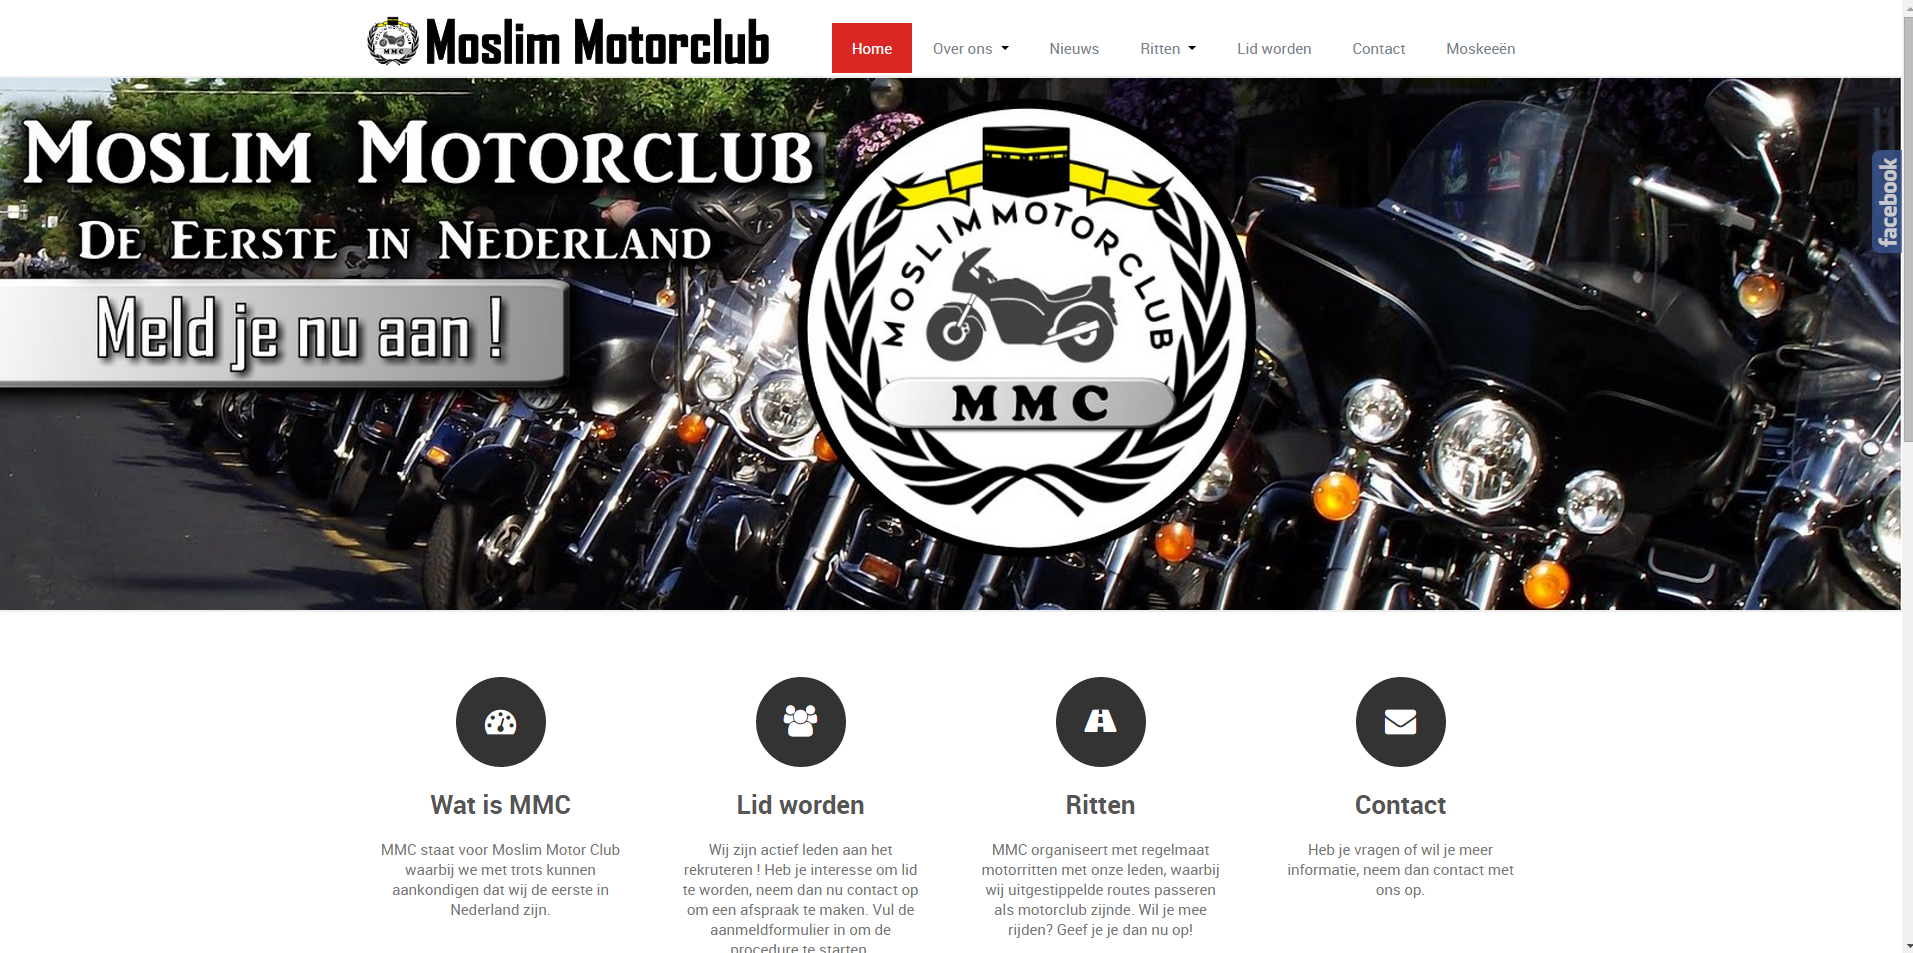 Moslim Motorclub